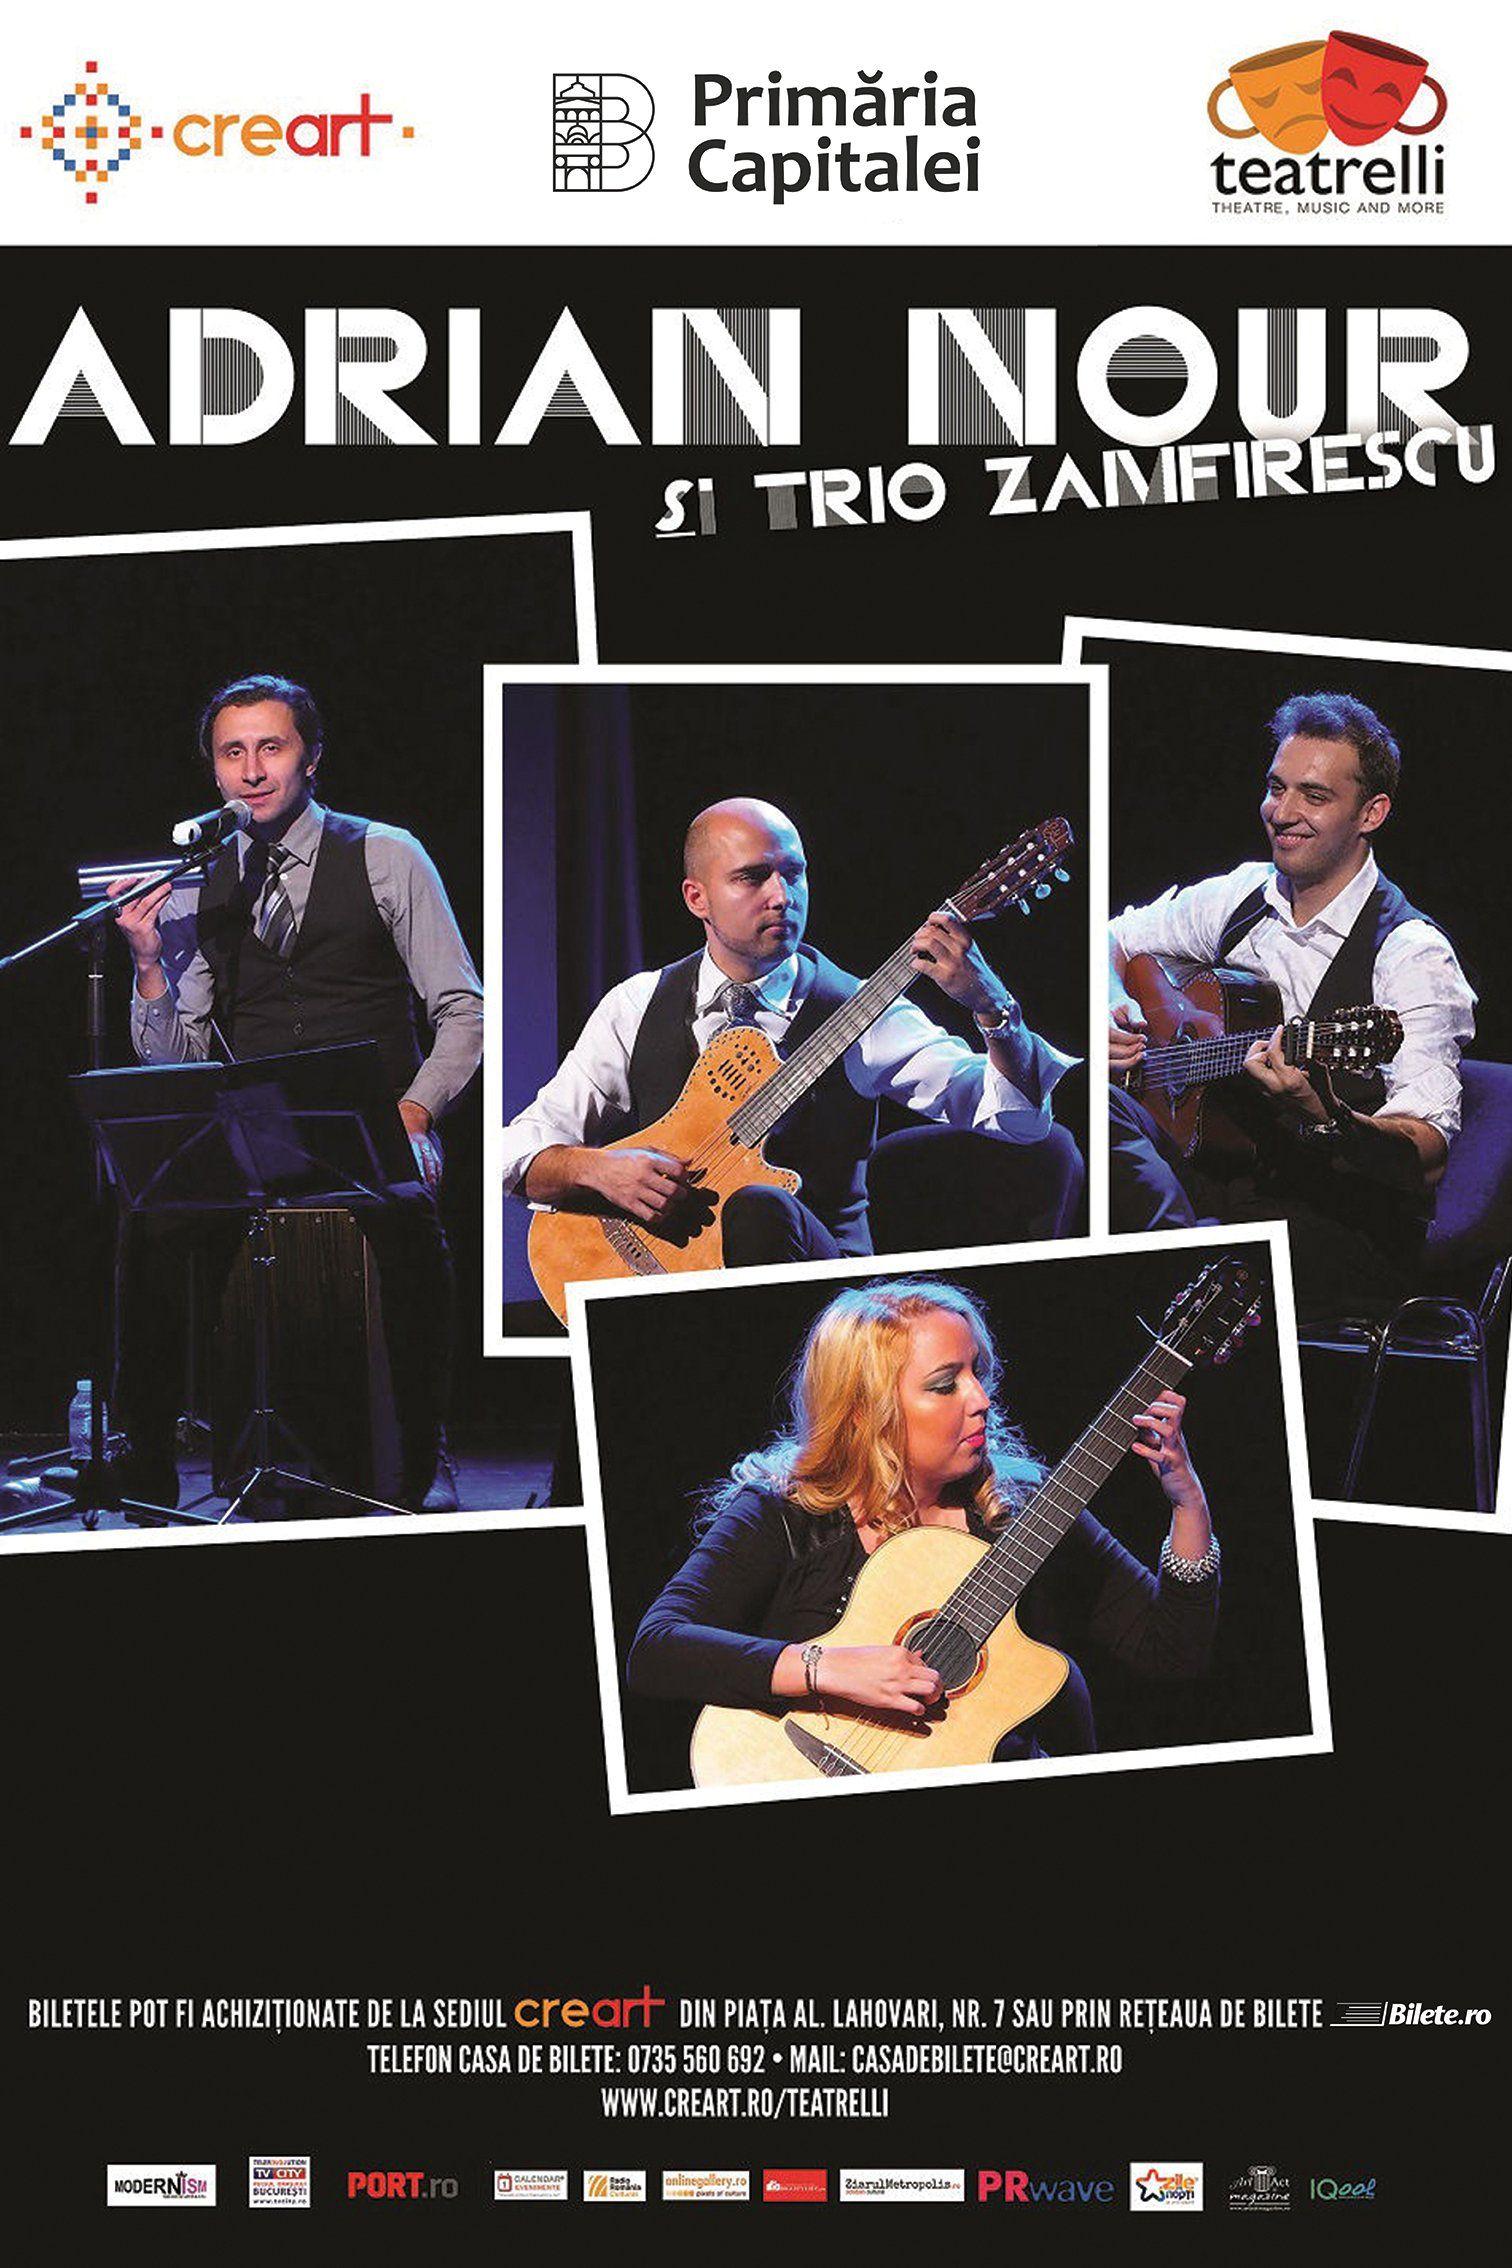 Adrian Nour & Trio Zamfirescu la teatrelli - theatre, music & more